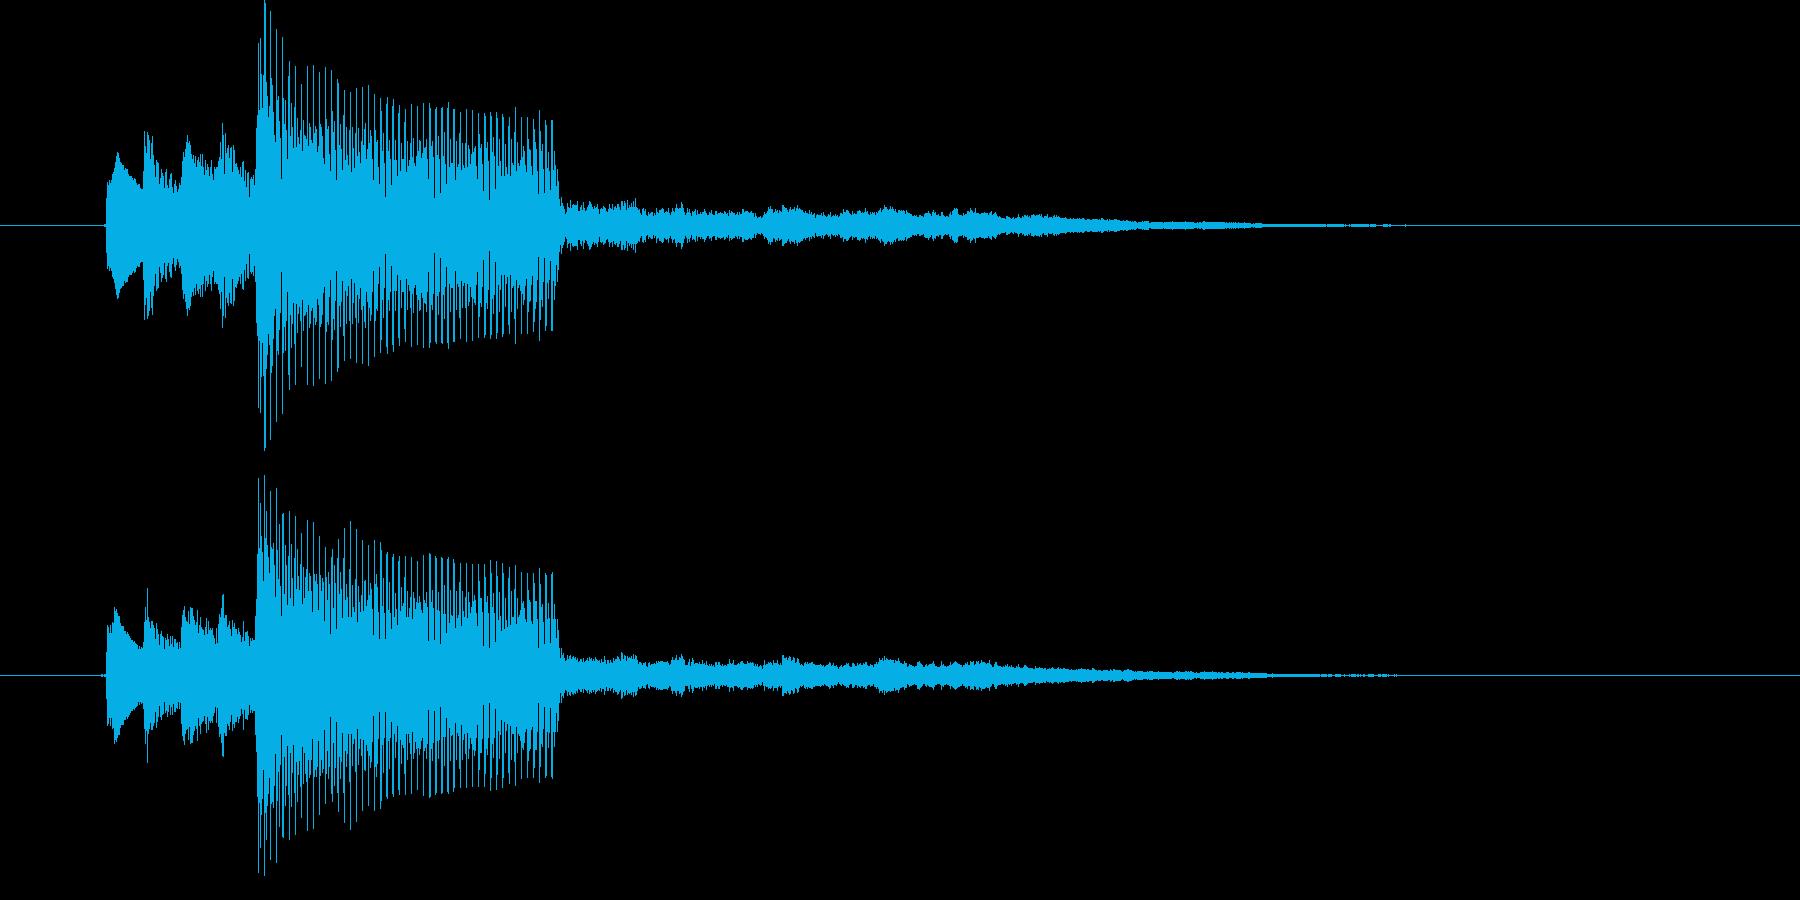 ほのぼのした音色が特徴のピアノのジングルの再生済みの波形